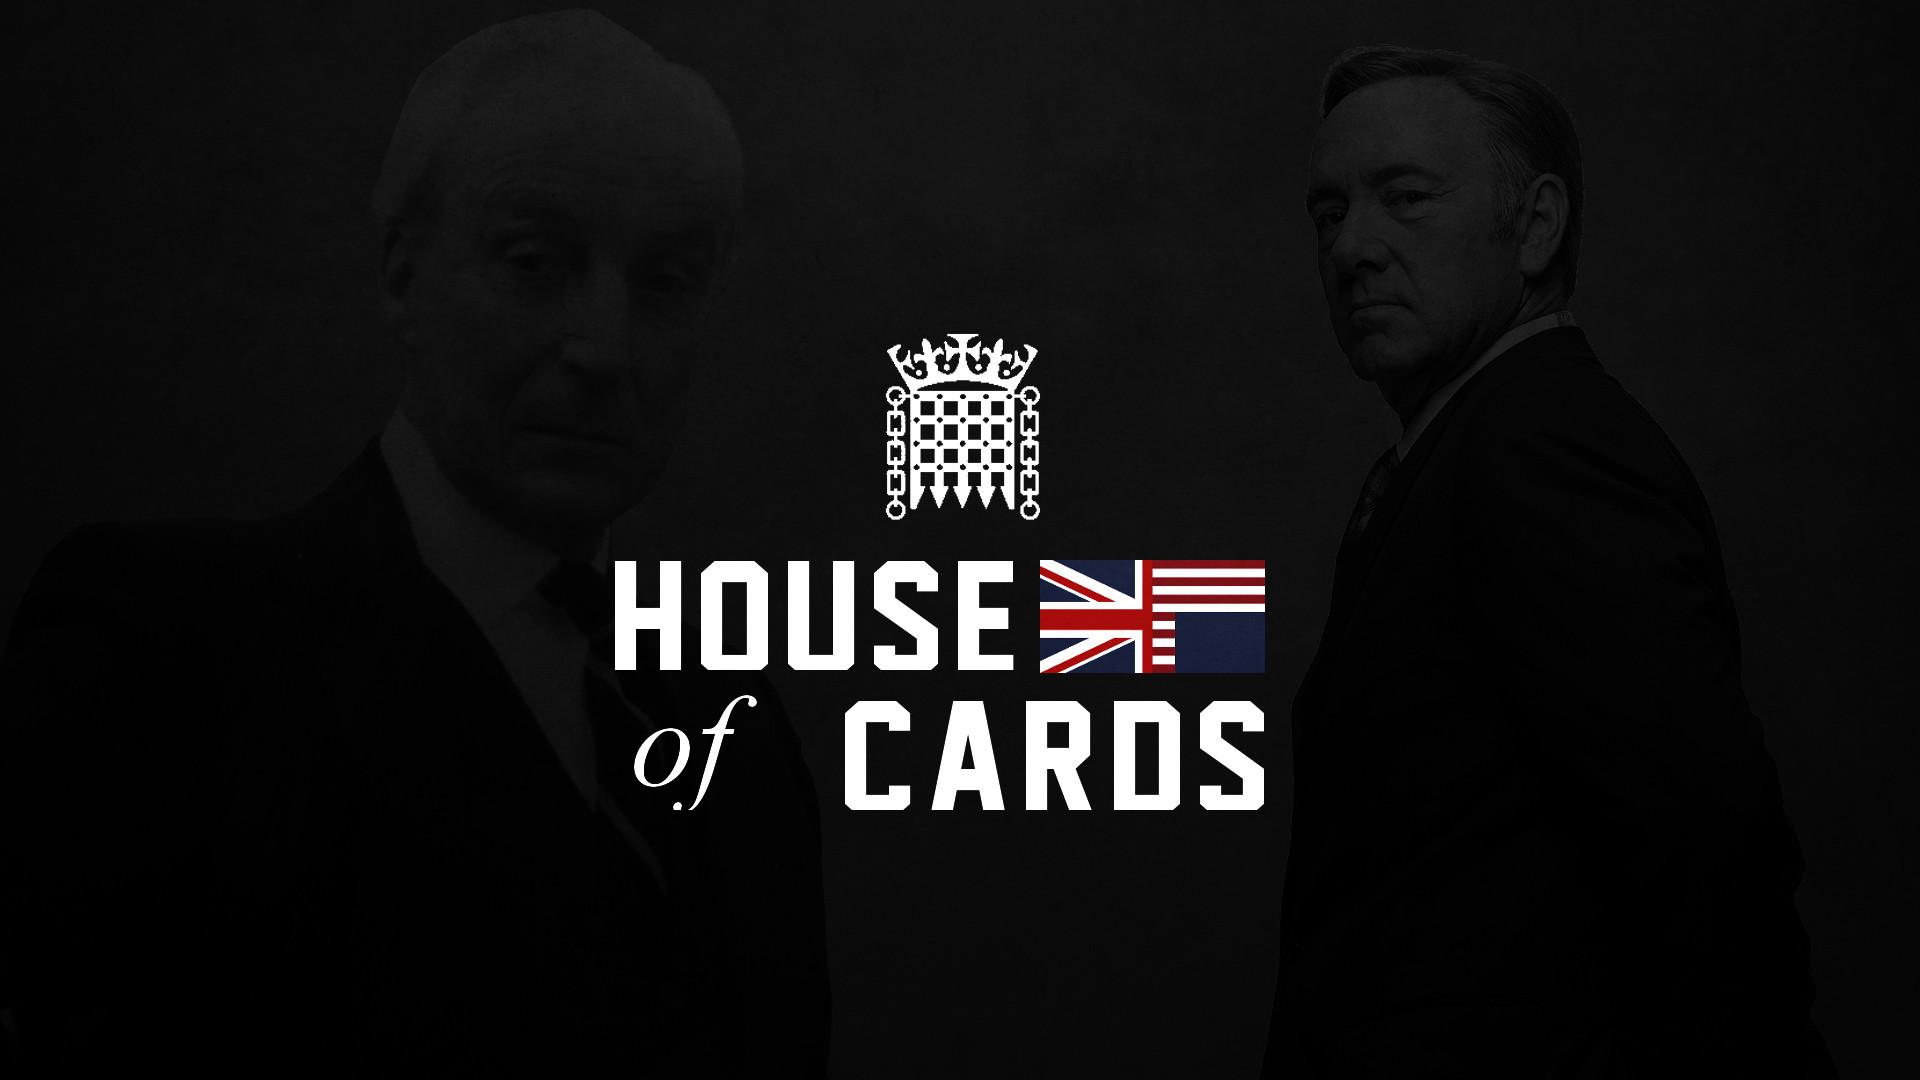 House of Cards Rogue HD desktop wallpaper : Widescreen : High   Free  Wallpapers   Pinterest   Hd desktop and Wallpaper